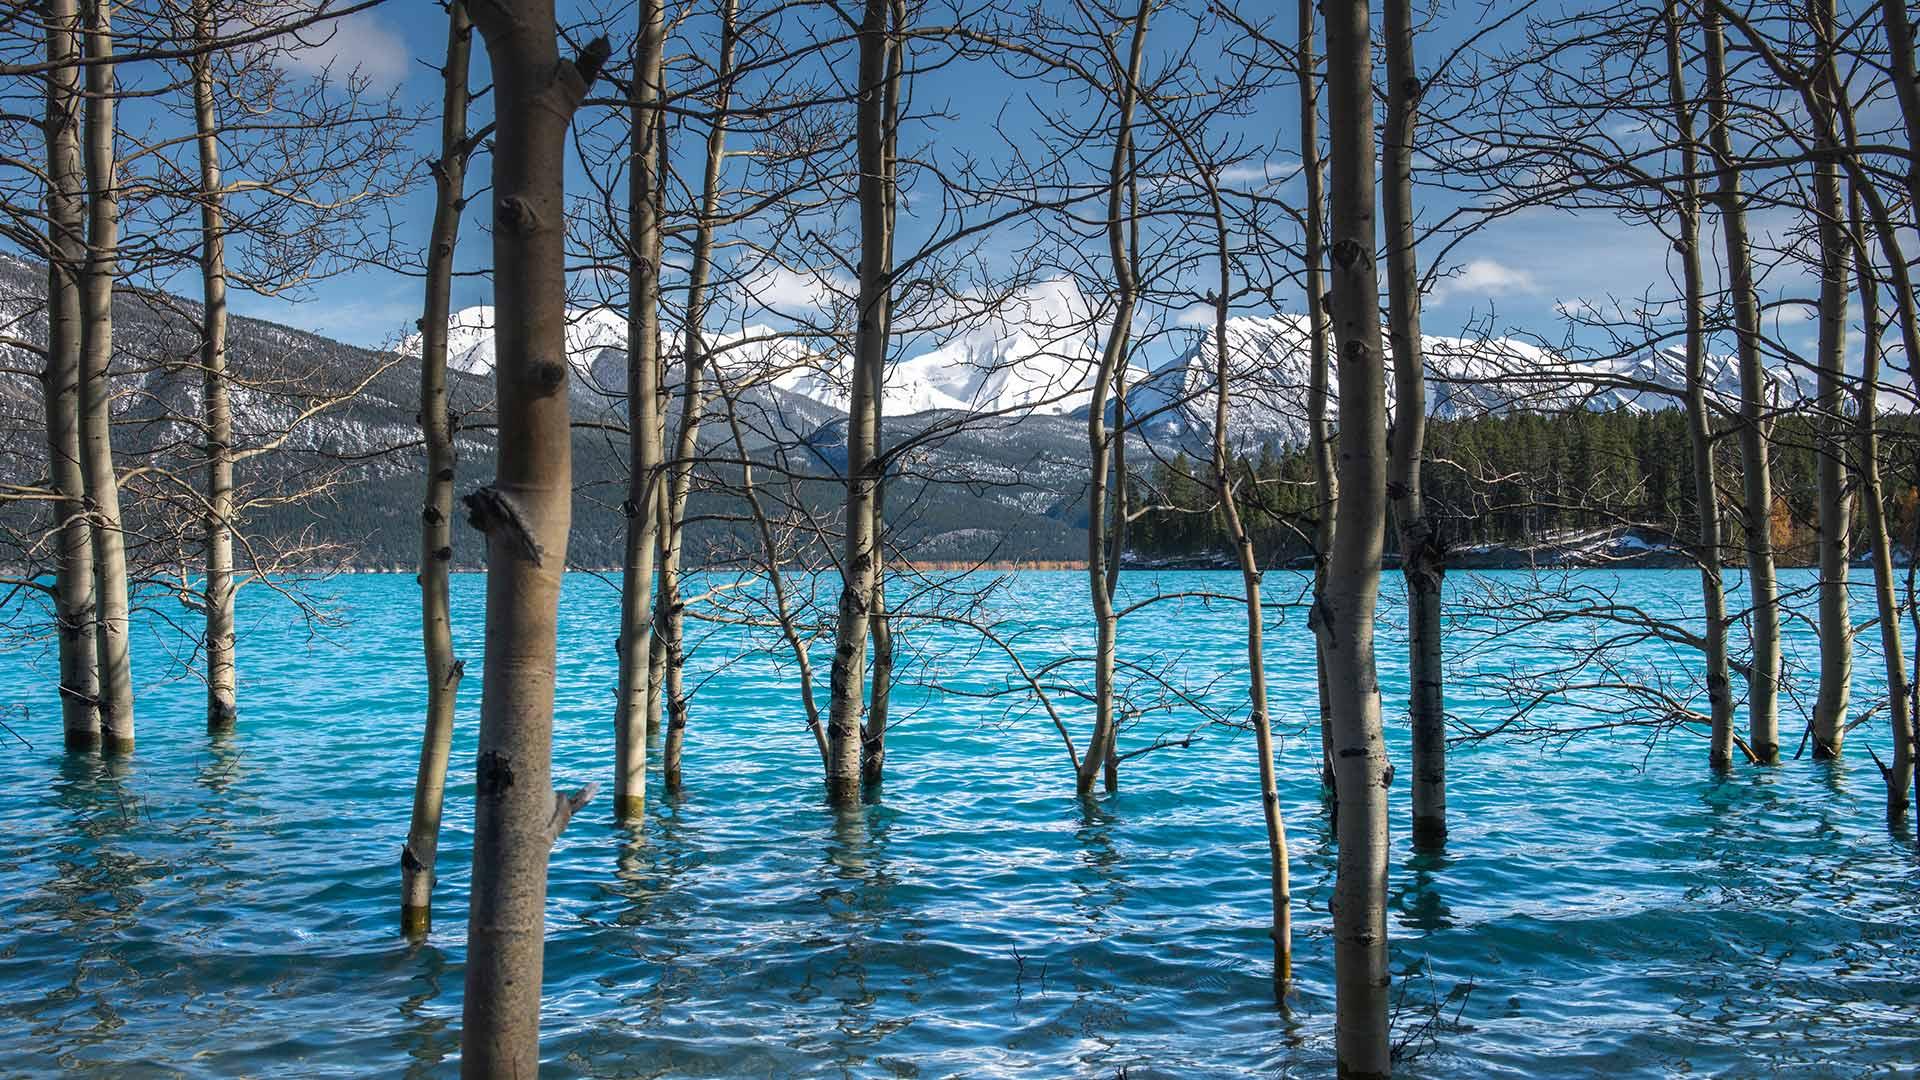 「アブラハム湖」カナダ, アルバータ州 (© Coolbiere/Getty Images)